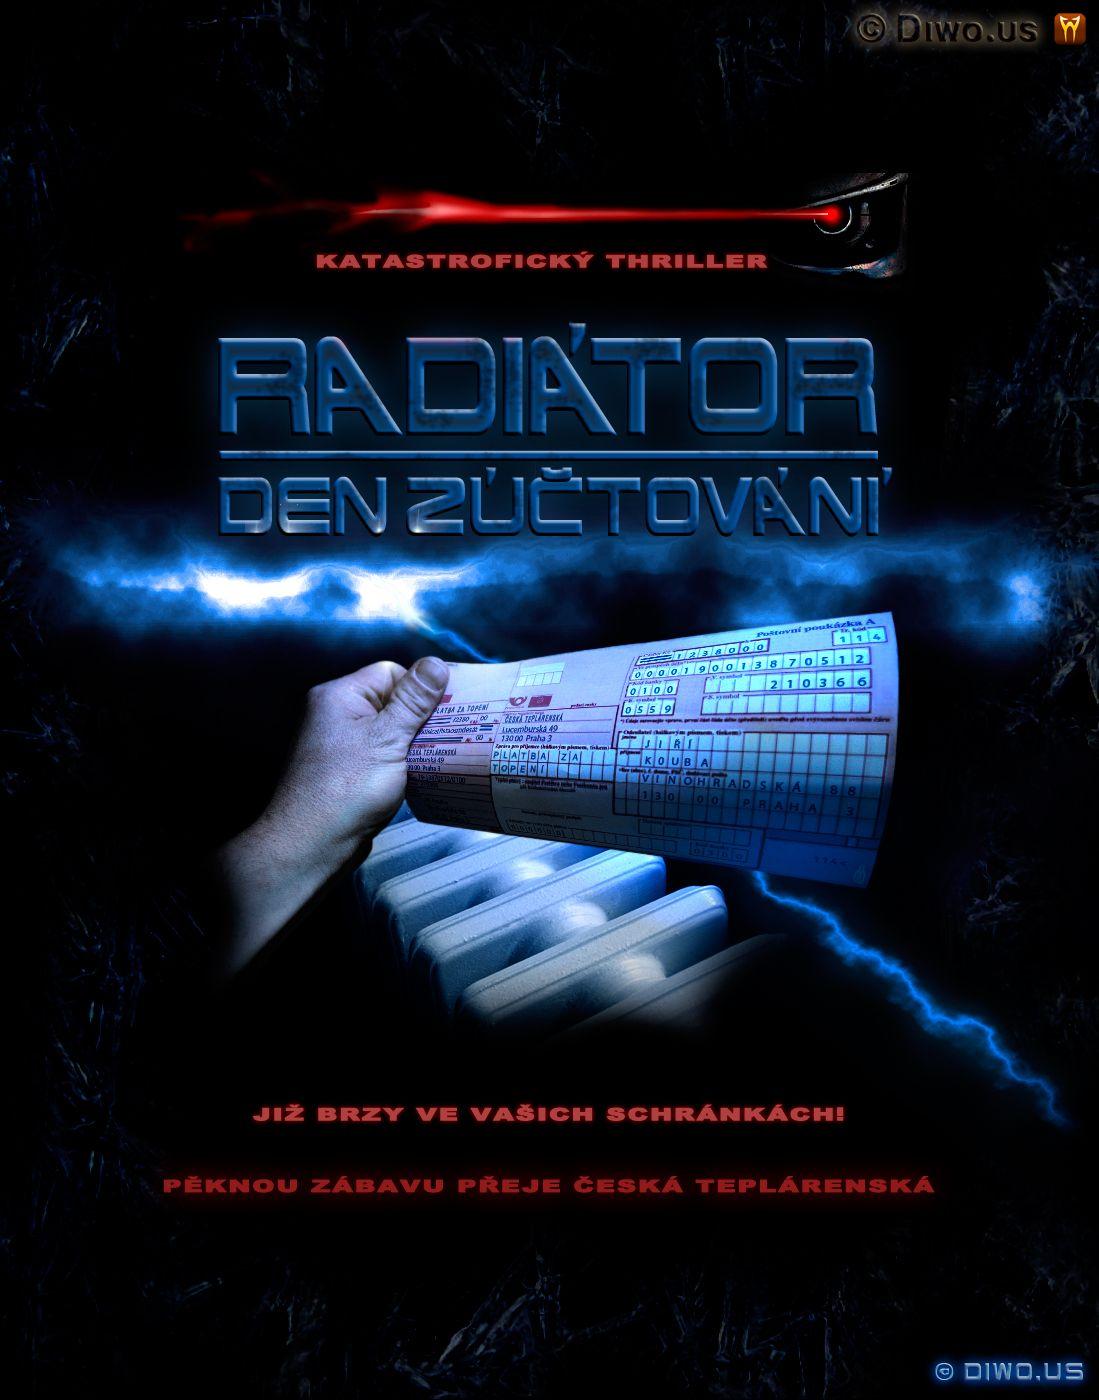 Diwous - katastrofický thriller RADIÁTOR - Den zúčtování, humor, plyn, složenka, Terminator, topení, vtip, vyúčtování, Česká teplárenská, poštovní schránka